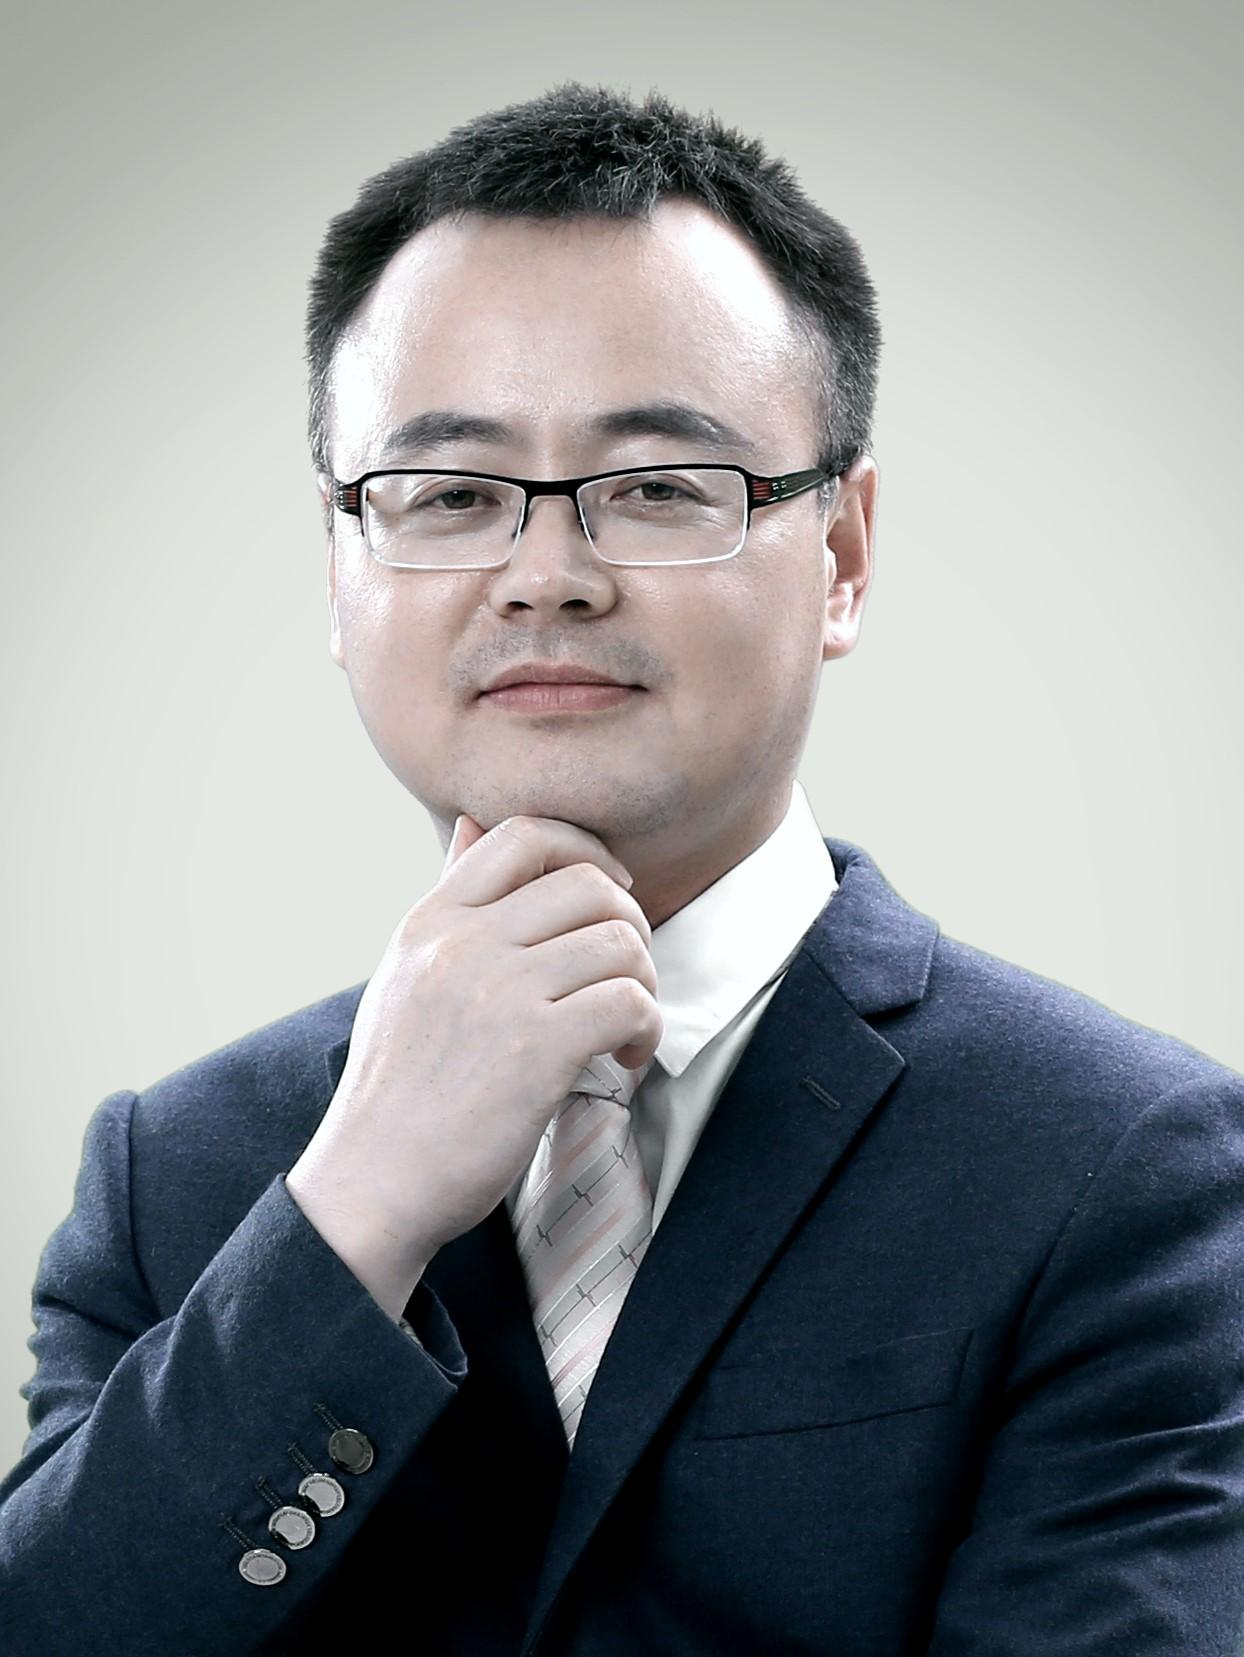 楊寶平,深圳市開步電子有限公司執行董事